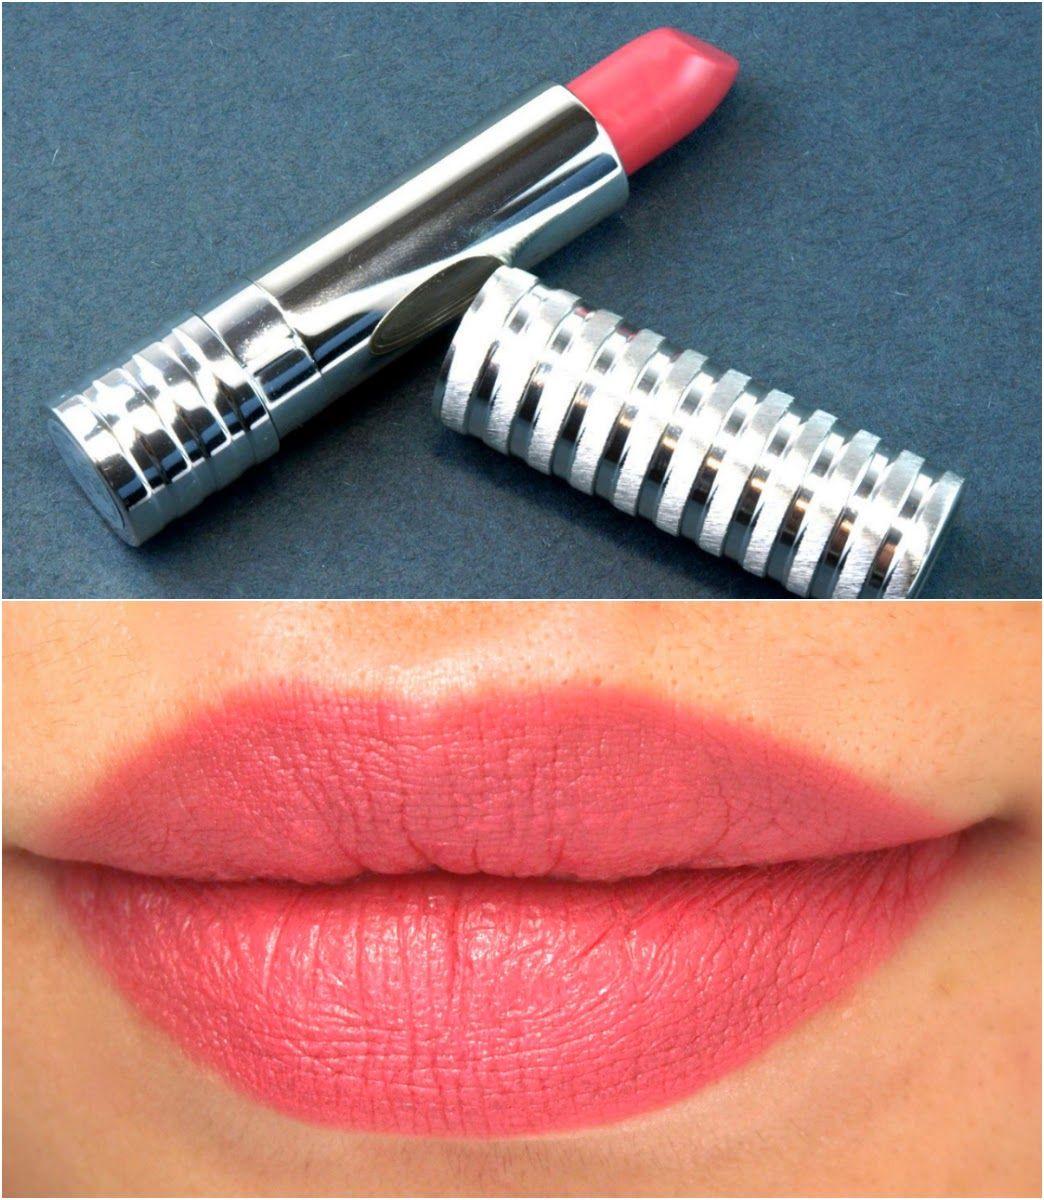 Clinique Long Last Soft Matte Lipstick Review And Swatches Clinique Lipstick Clinique Makeup Lipstick